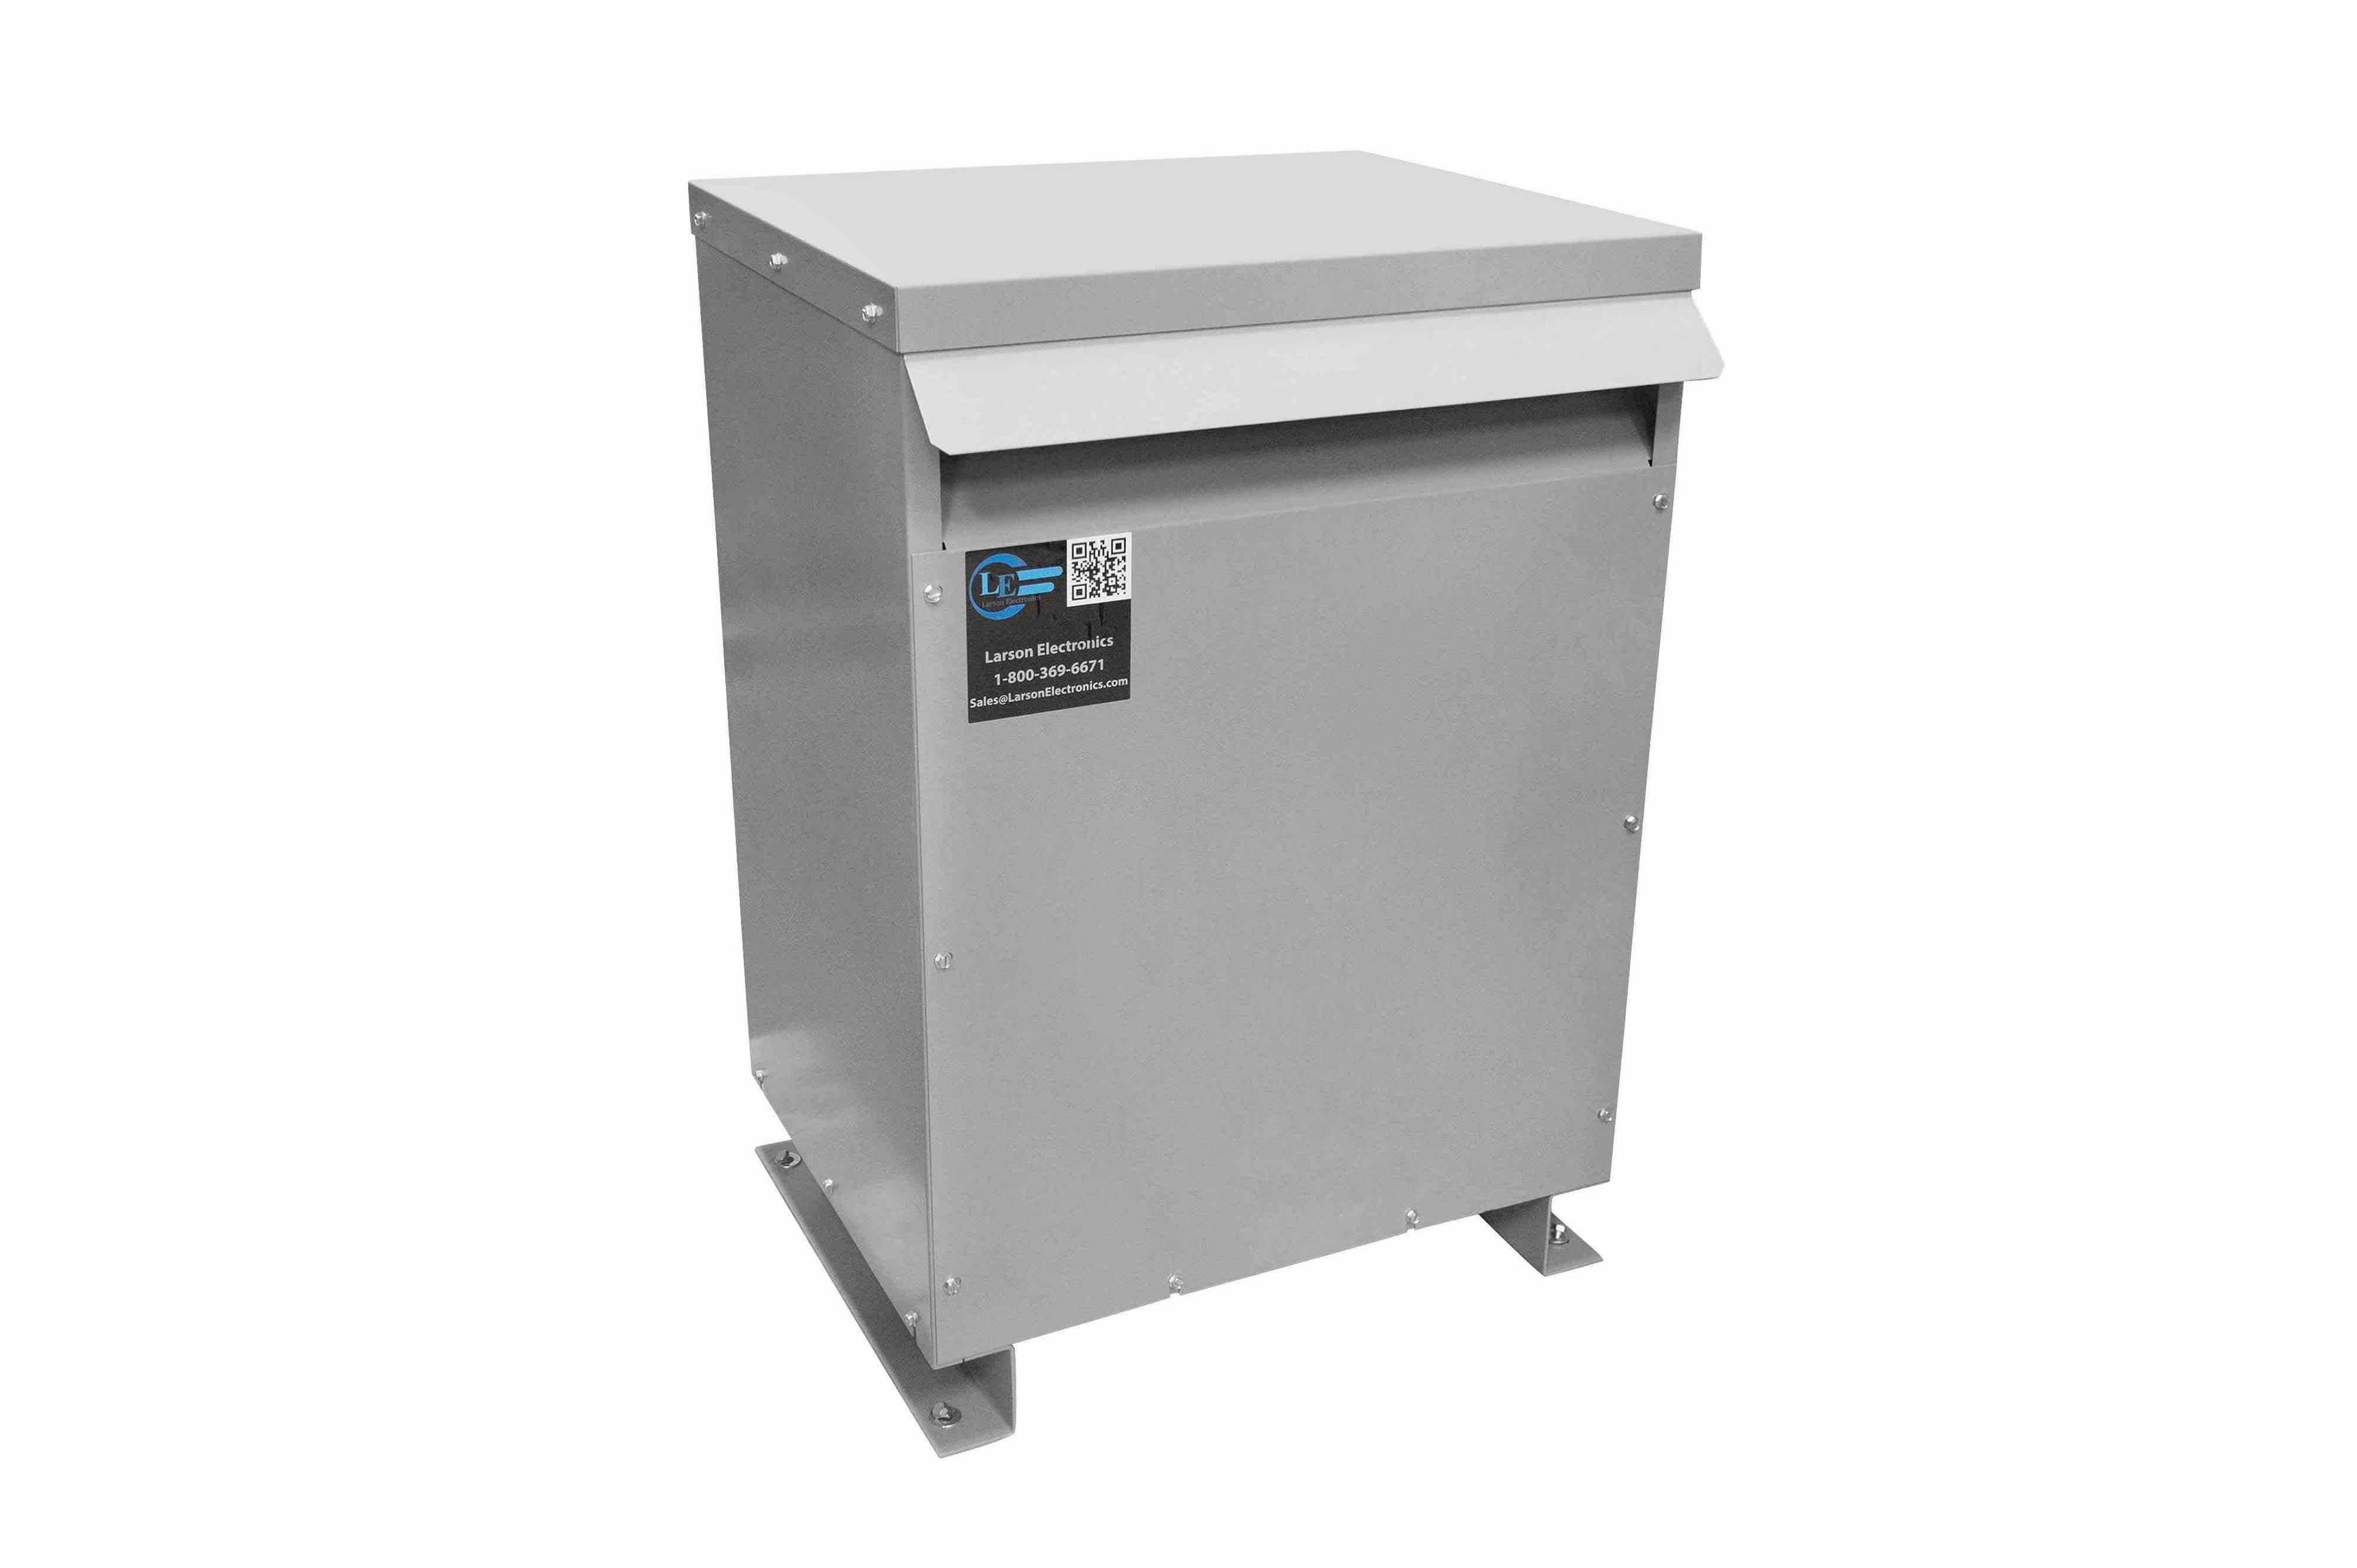 200 kVA 3PH Isolation Transformer, 380V Delta Primary, 480V Delta Secondary, N3R, Ventilated, 60 Hz